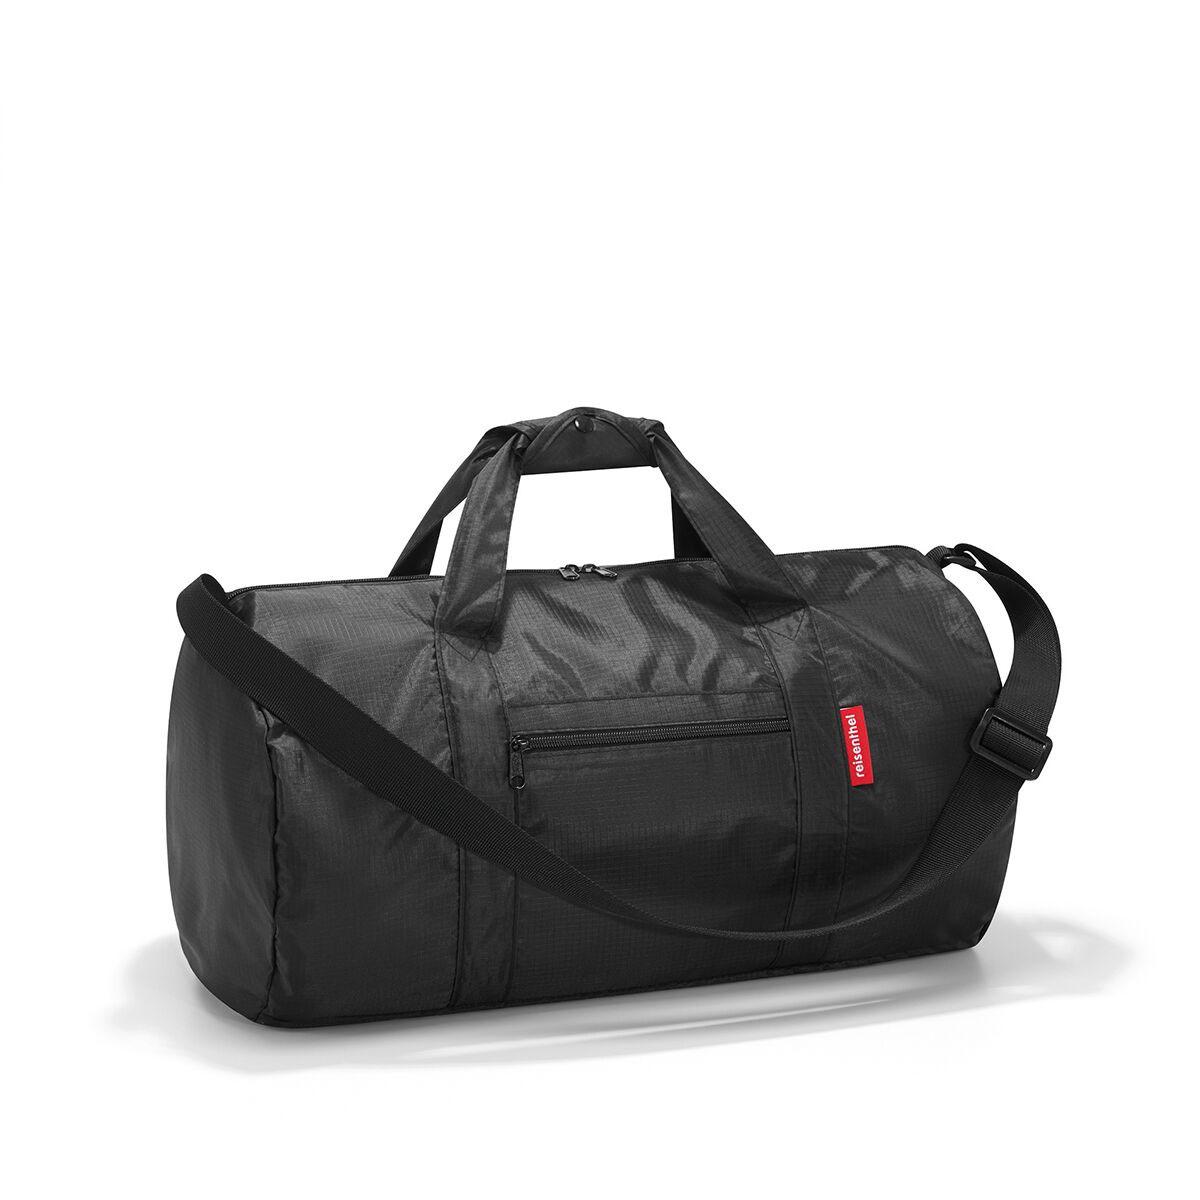 Сумка спортивная женская Reisenthel, цвет: черный. AM7003AM7003Универсальная сумка-трансформер серии Mini Maxi, предназначенная для путешествий и спорта.Подходит для хранения, компактно складывается в собственный внутренний карман. У модели вместительное основное отделение на молнии, экономит место при хранении и перевозке в сложенном состоянии, регулируемый наплечный ремень, ручки для переноски, регулируемые при помощи специальных застежек, два внешних кармана на молнии, материал: высококачественный водостойкий полиэстер, объем - 20 литров.